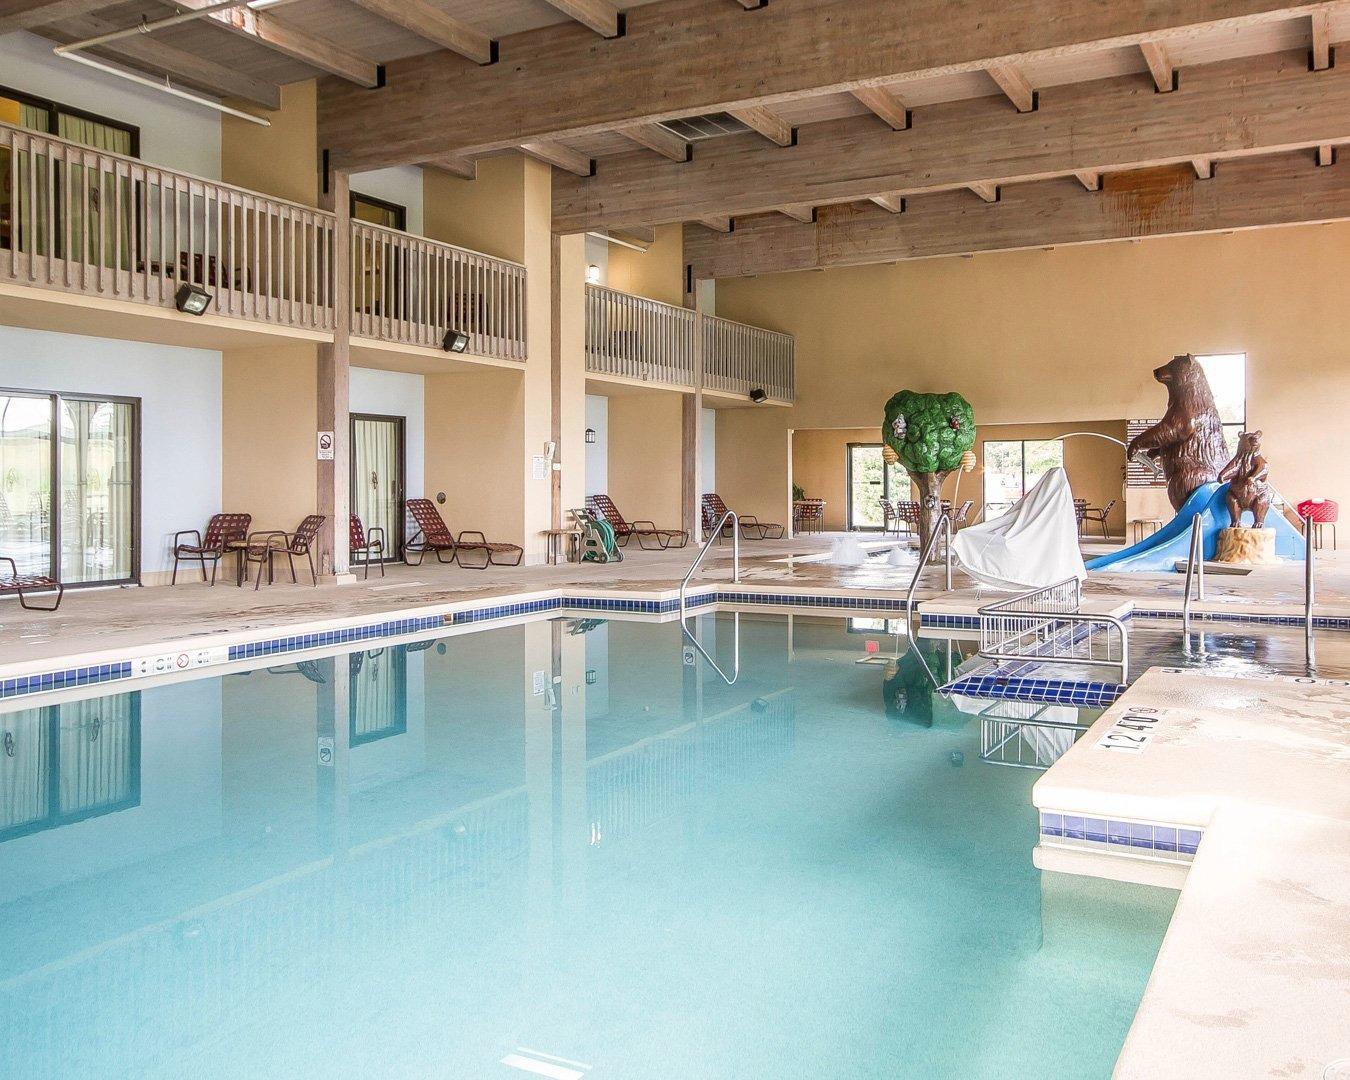 Comfort Inn & Suites, Black River Falls WI